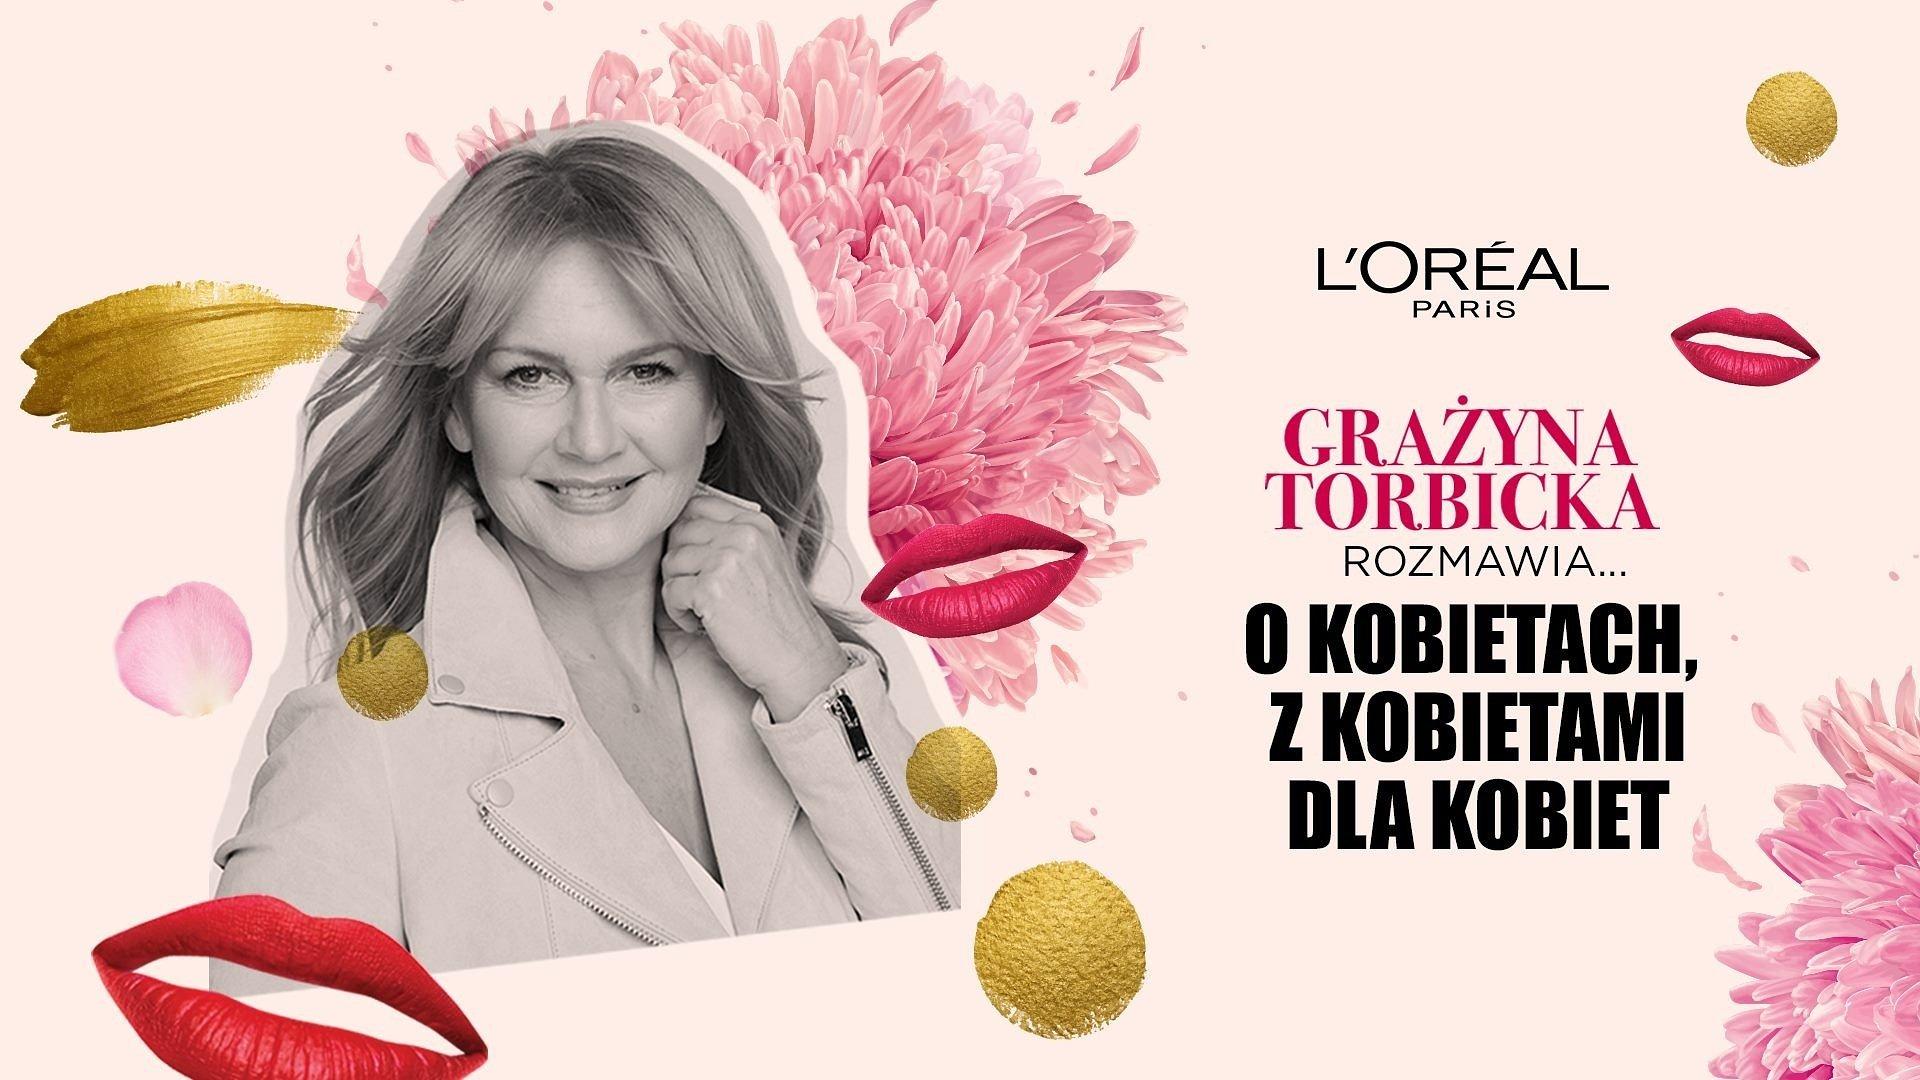 Grażyna Torbicka rozmawia… O kobietach, z kobietami, dla kobiet, czyli event online z kobietami w roli głównej